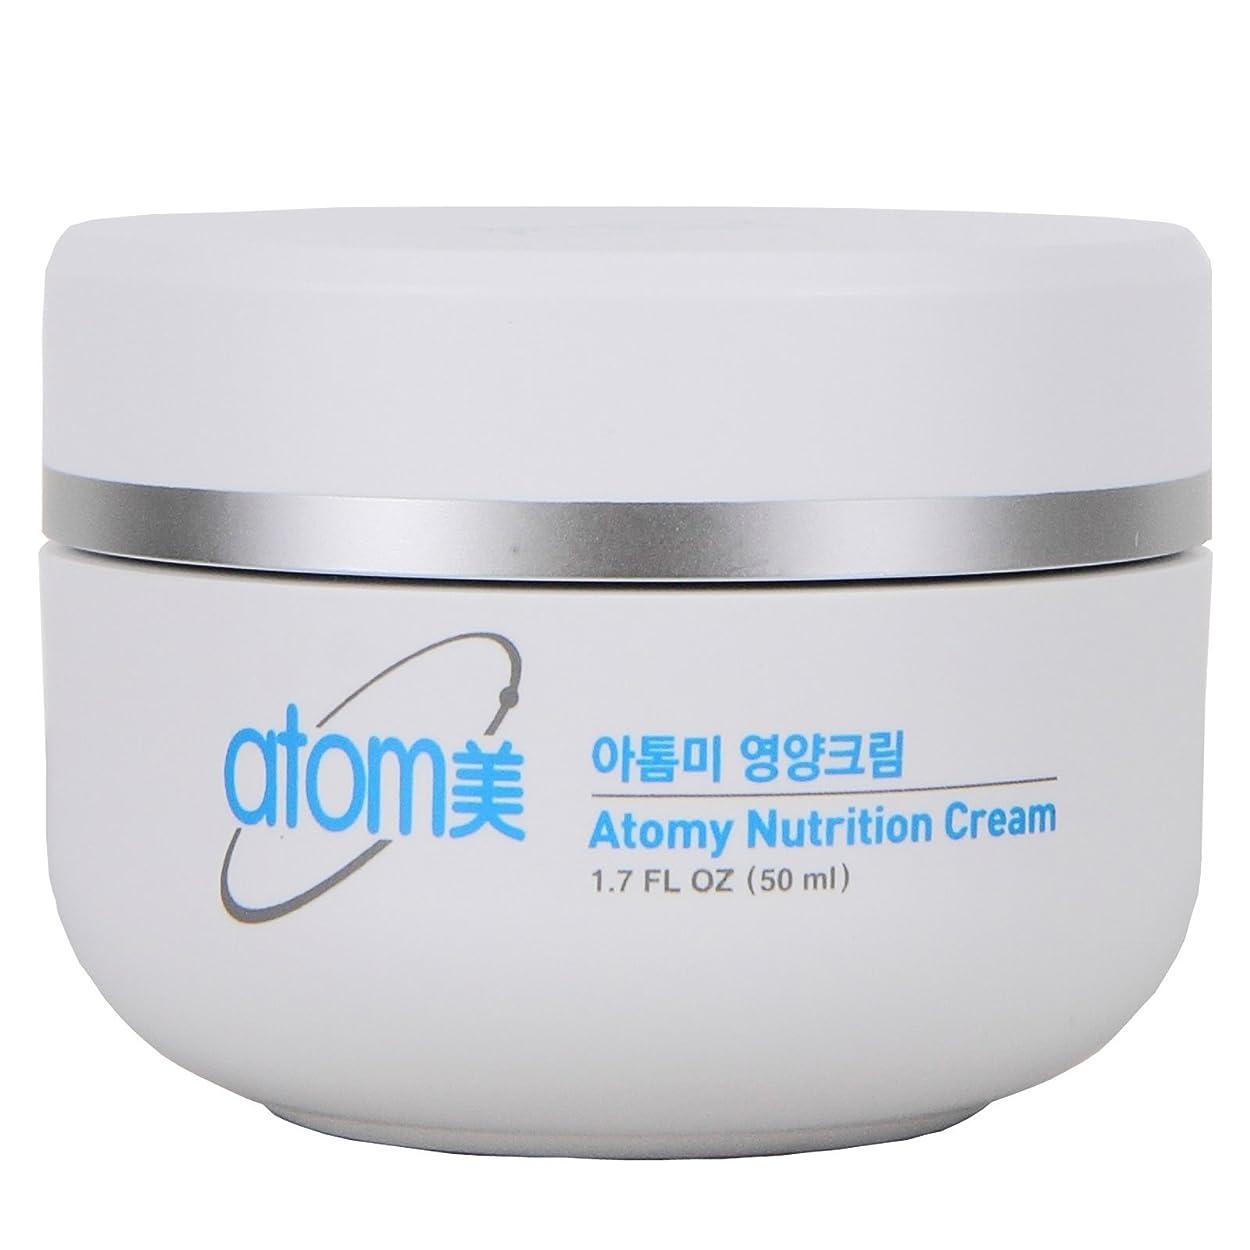 世界的に放射能窒息させる韓国コスメ Atom美 アトミ クリーム ■ナチュラルコスメ